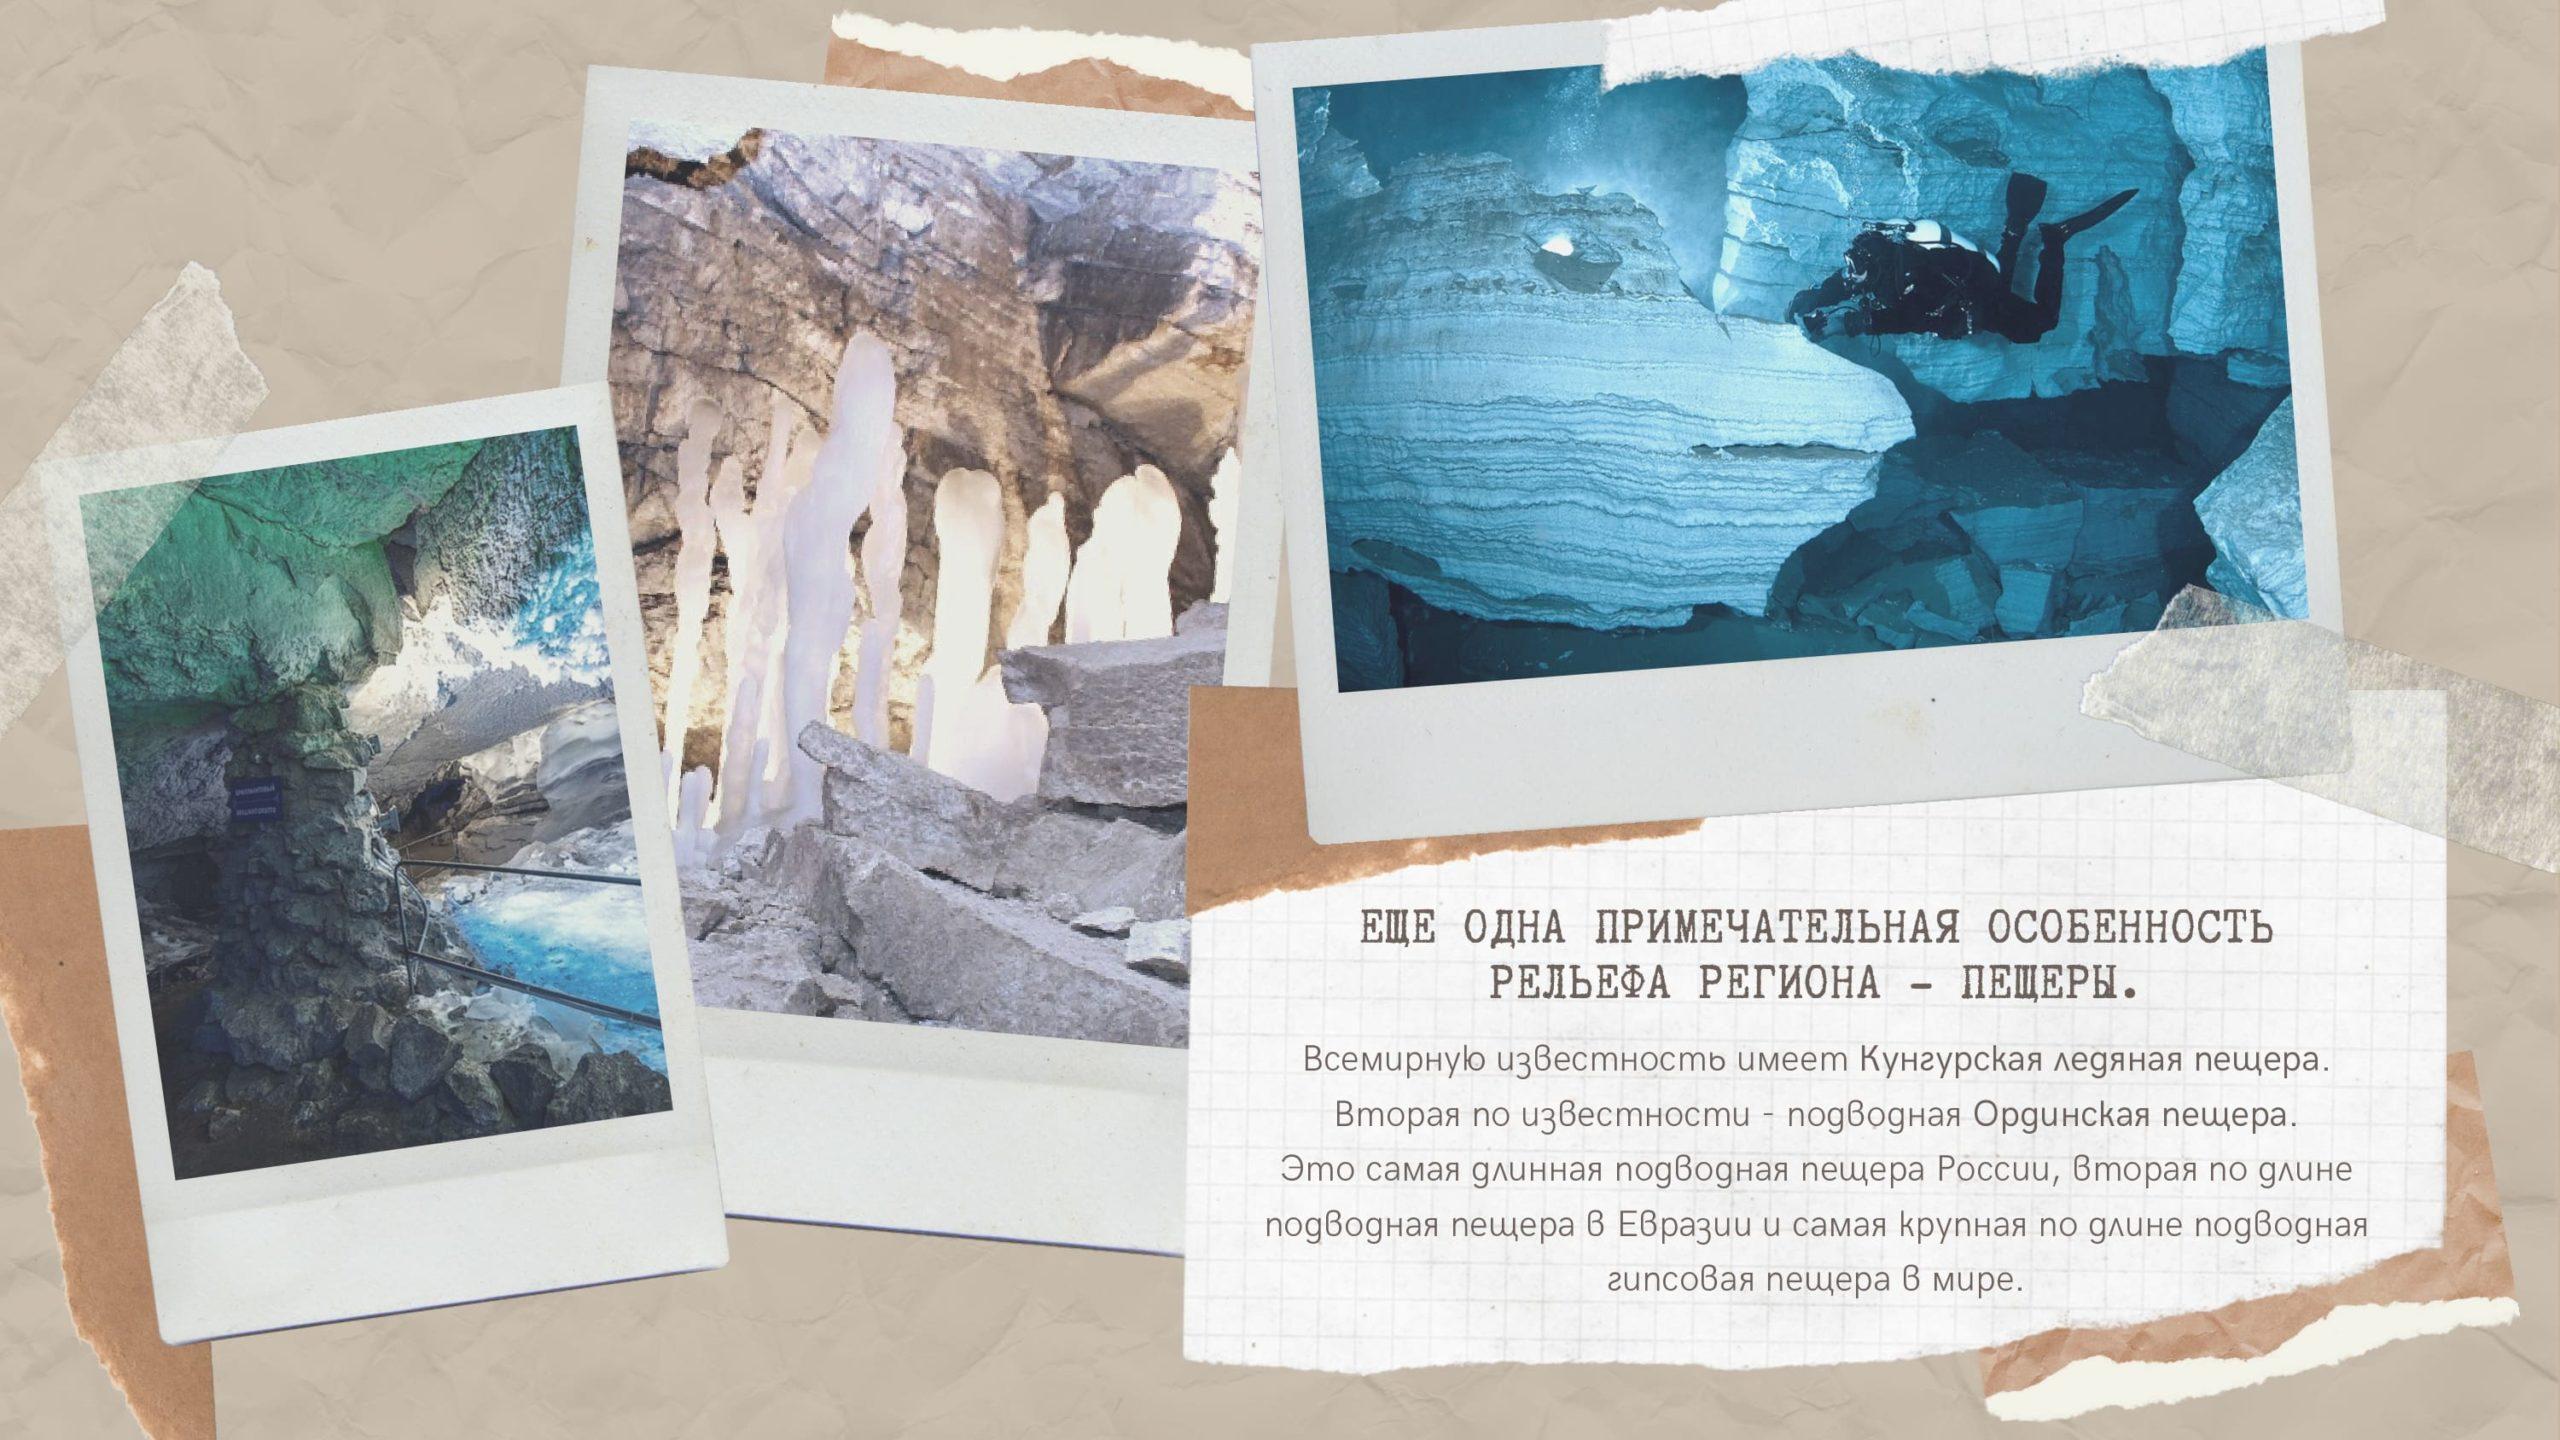 Ещё одна примечательная особенность рельефа региона - пещеры